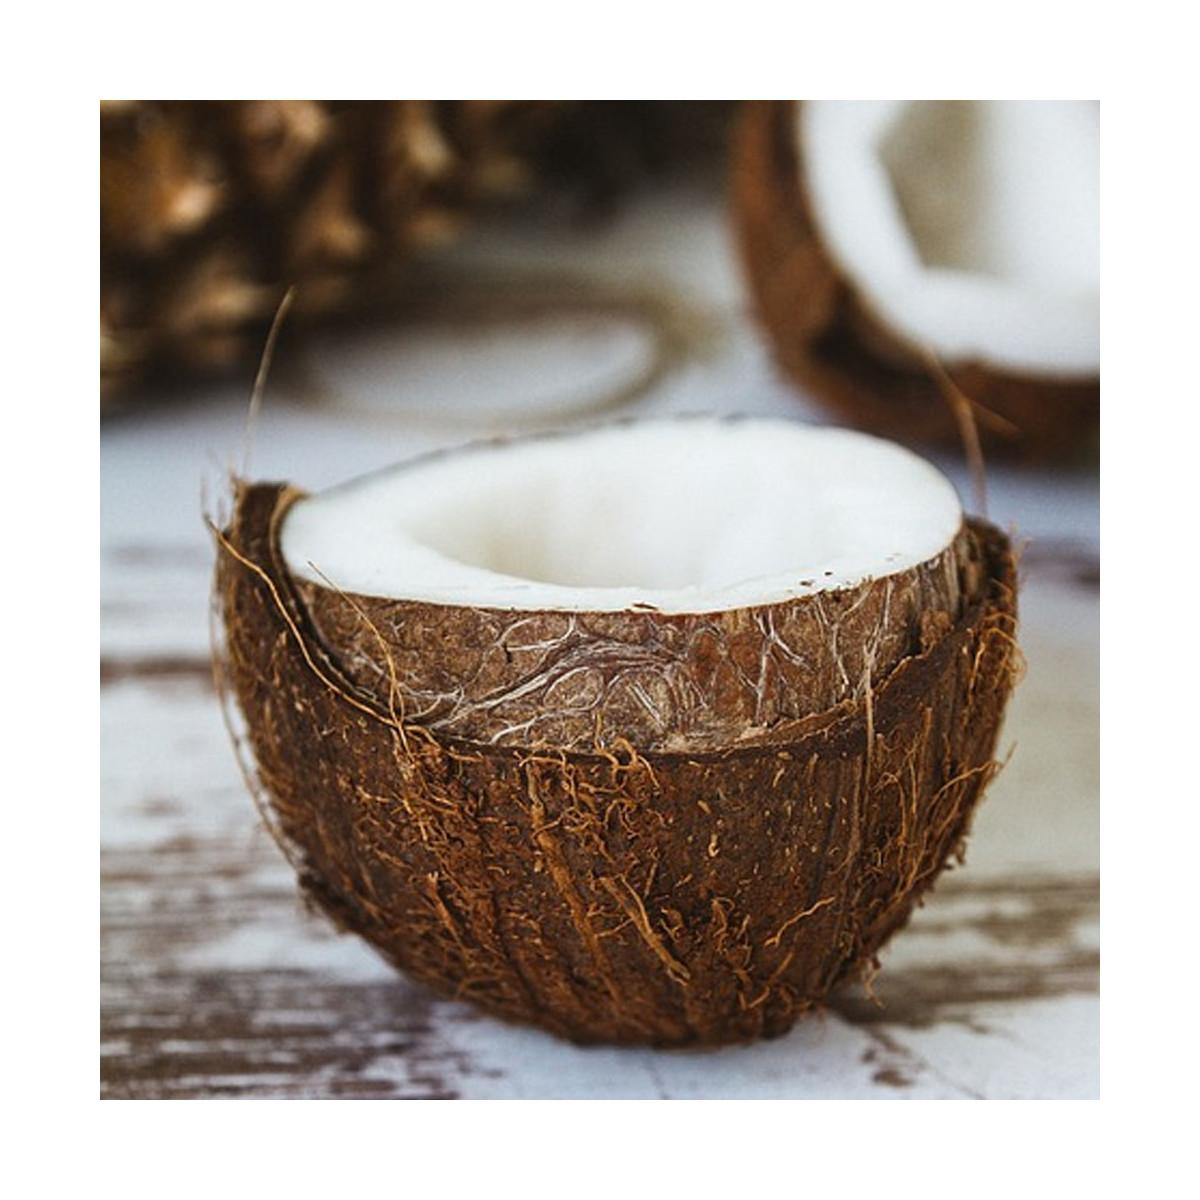 Extrait pour parfum Noix de coco